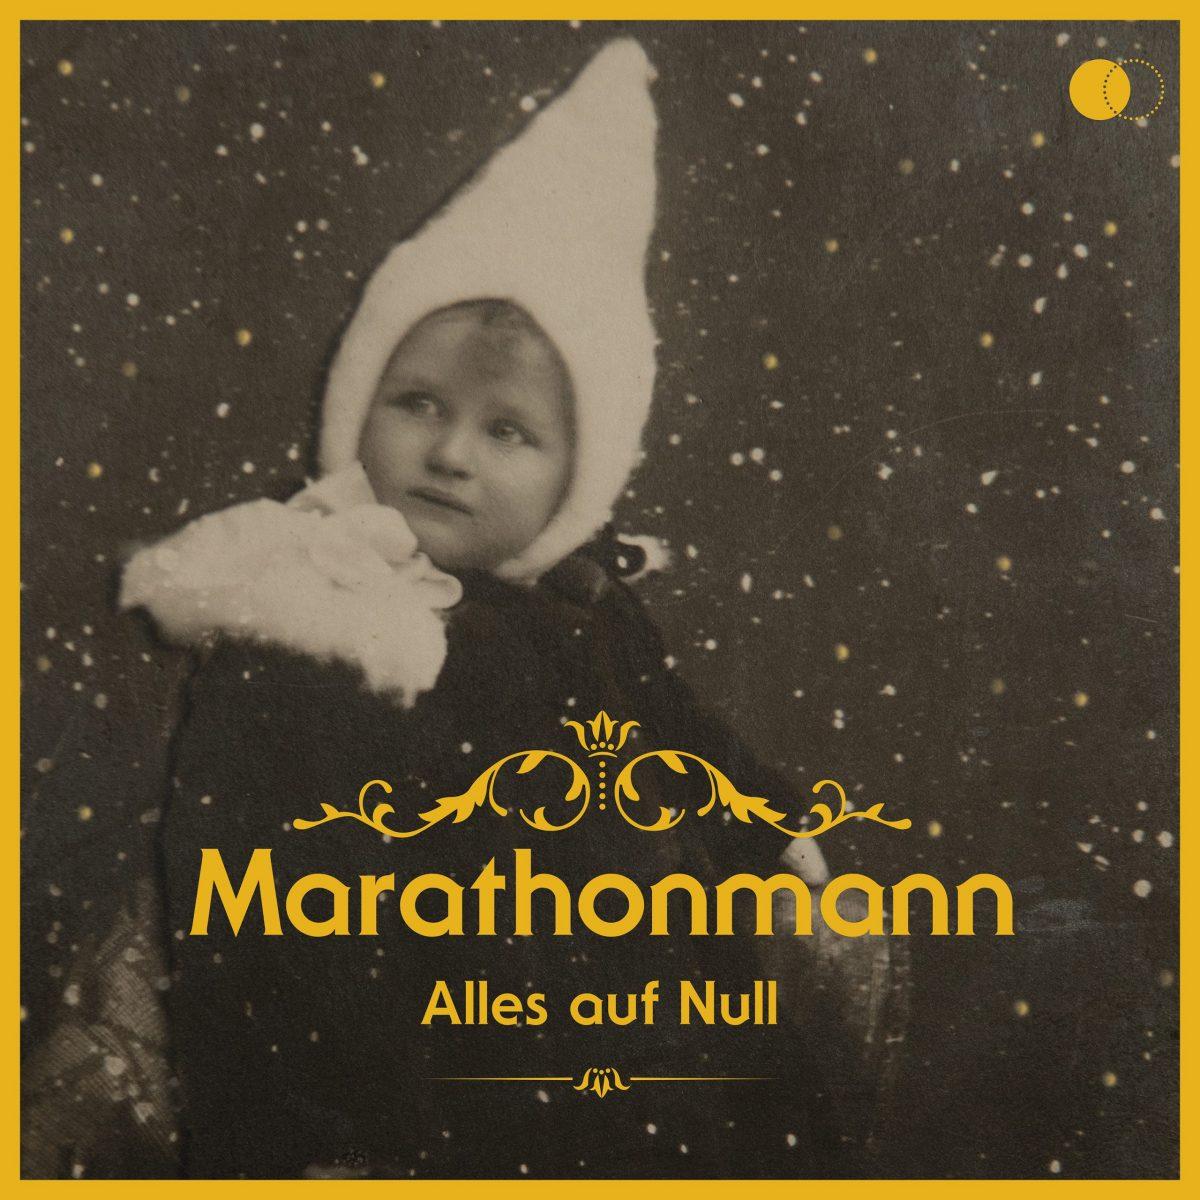 marathonmann-alles-auf-null-album-review